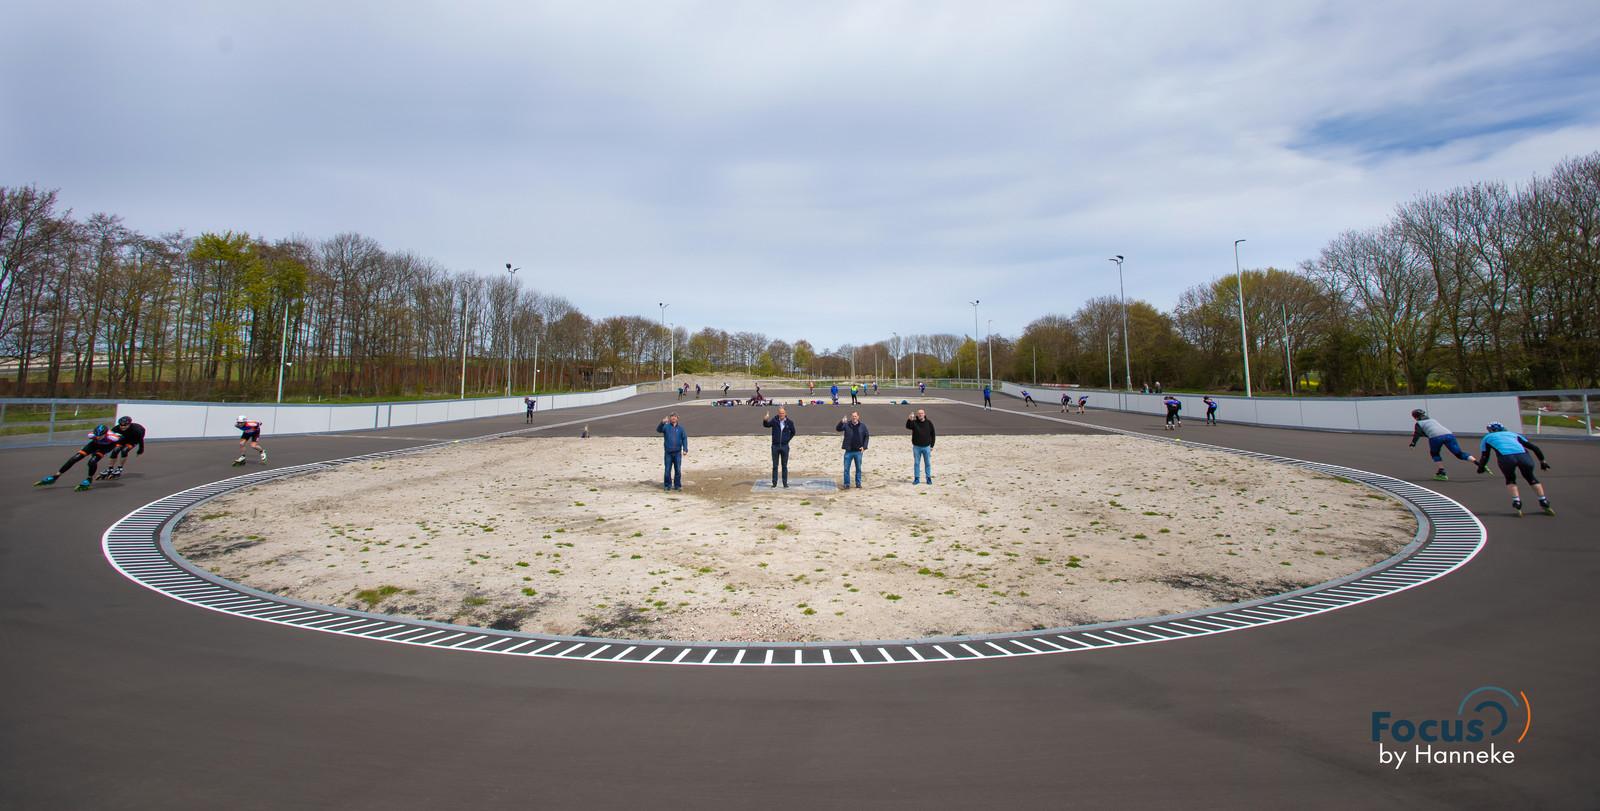 De nieuwe skeelerpiste in Rotterdam, vrijdagavond is de eerste officiële wedstrijd.